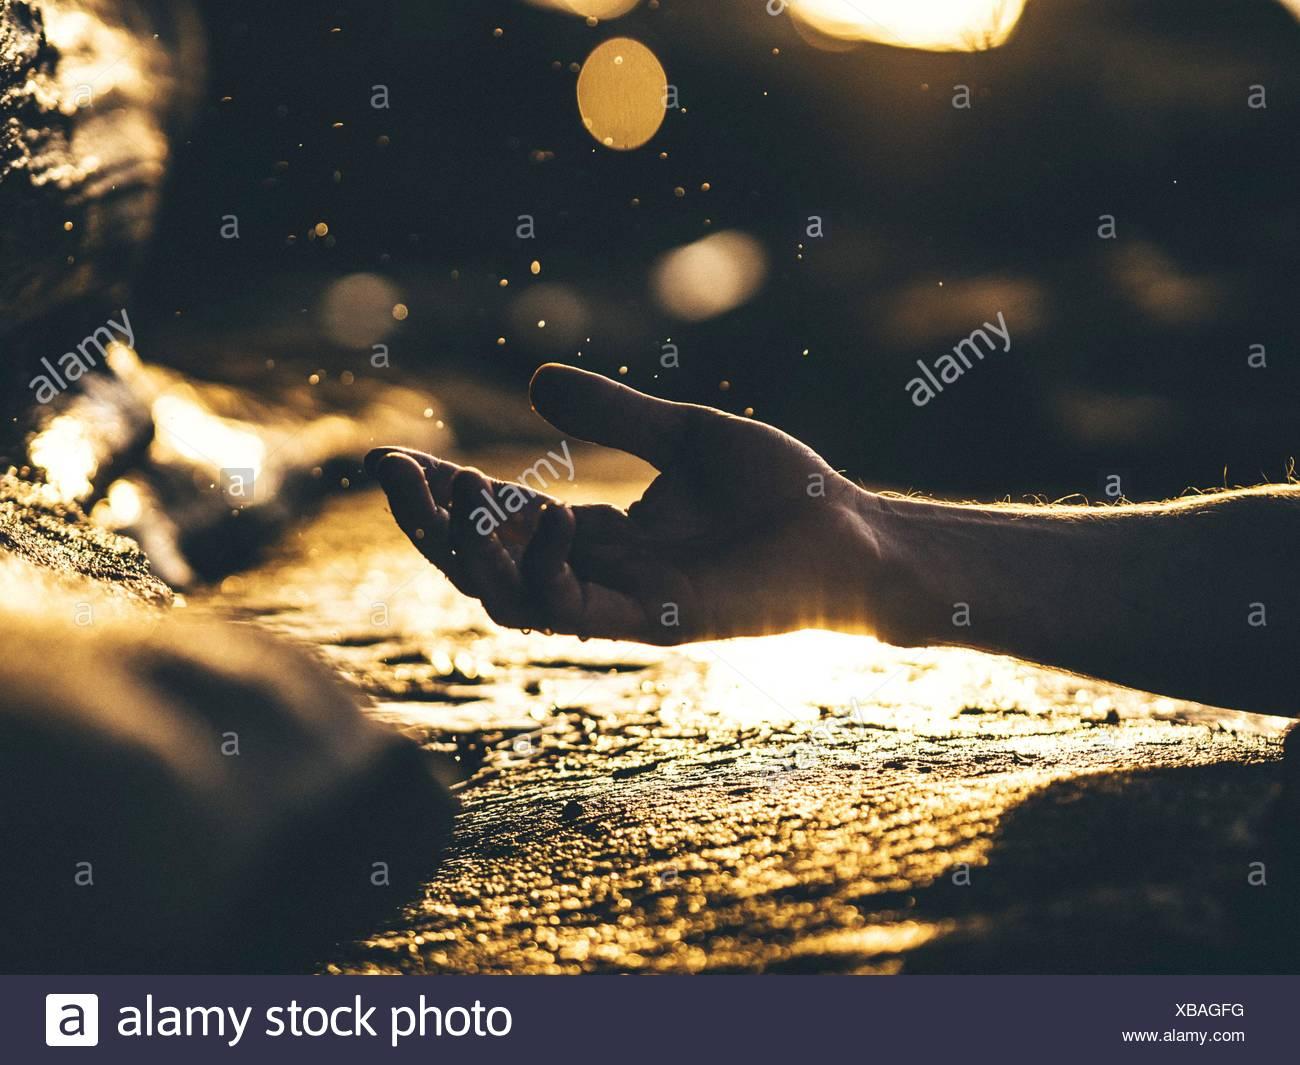 La mano del ser humano en el gesto, Superficie reflectante Imagen De Stock